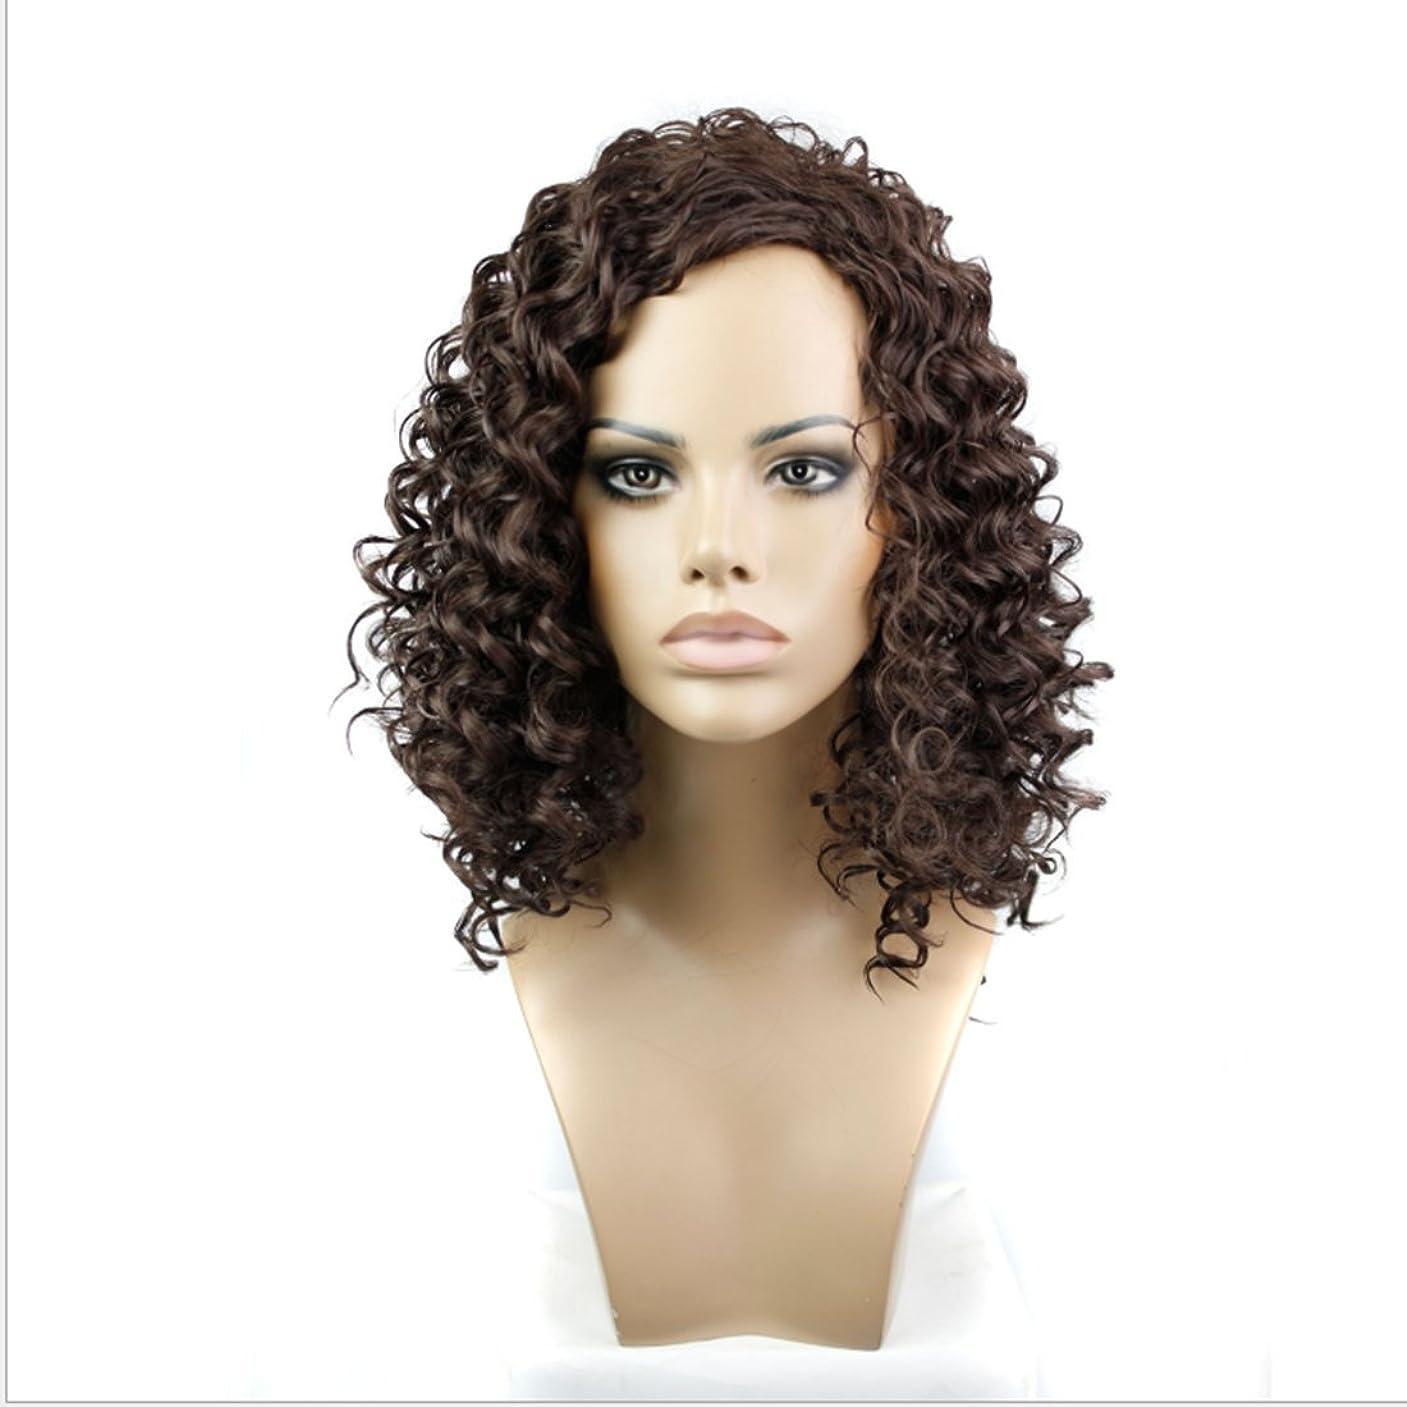 該当する肯定的触覚JIANFU 女性のための合成カーリーヘアウィッグショートスモールヘアブラウンブラック耐熱高温15inch / 180g (Color : Brownish black)